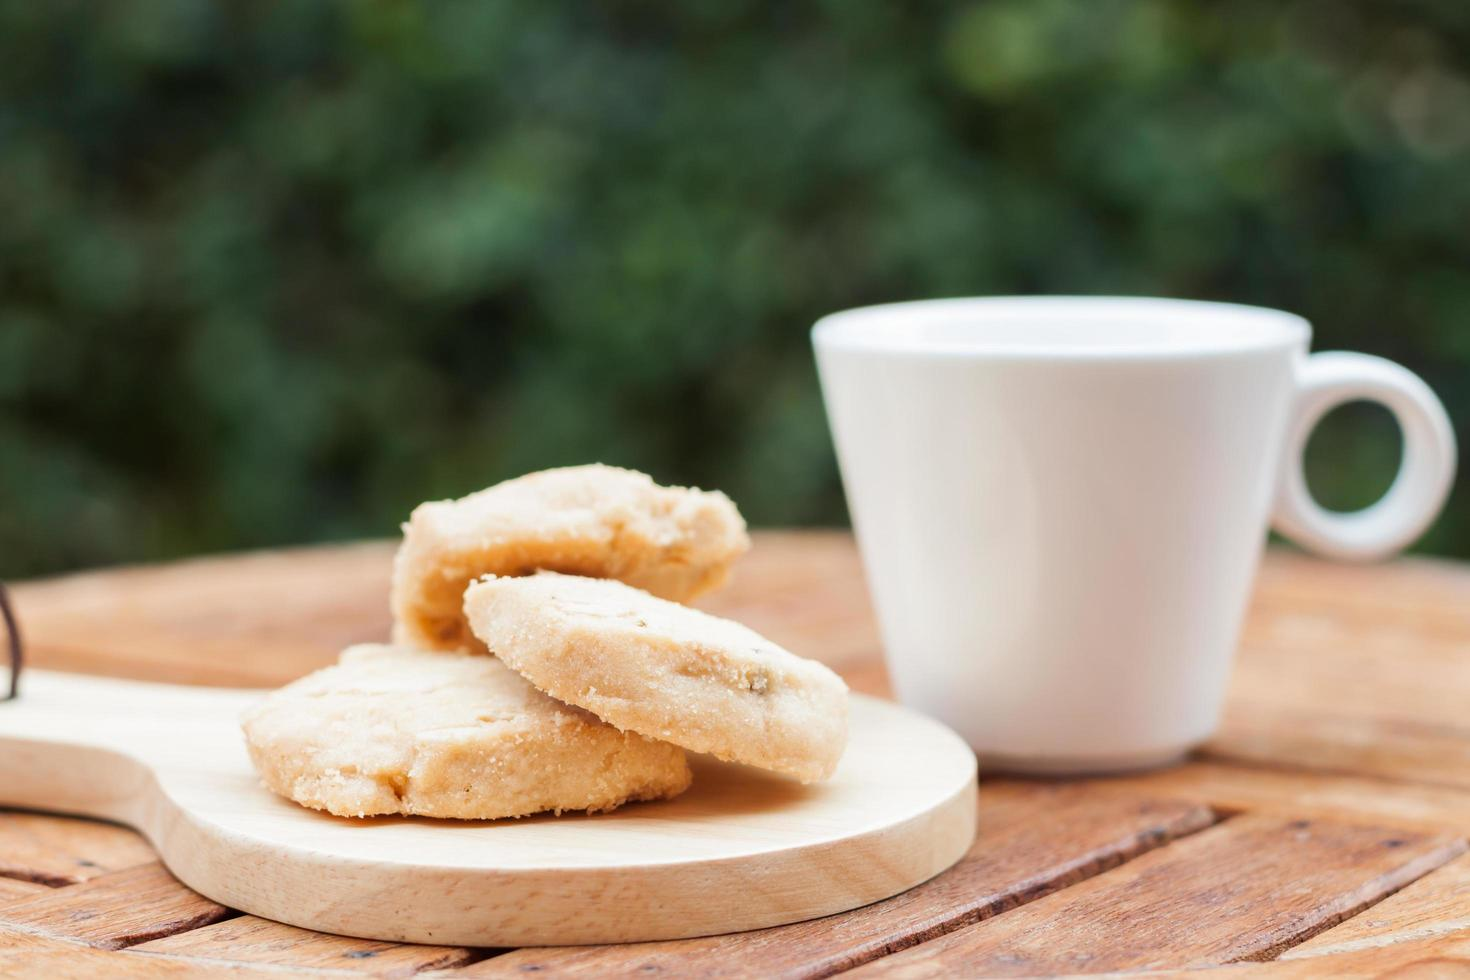 biscuits aux noix de cajou avec une tasse de café à l'extérieur photo